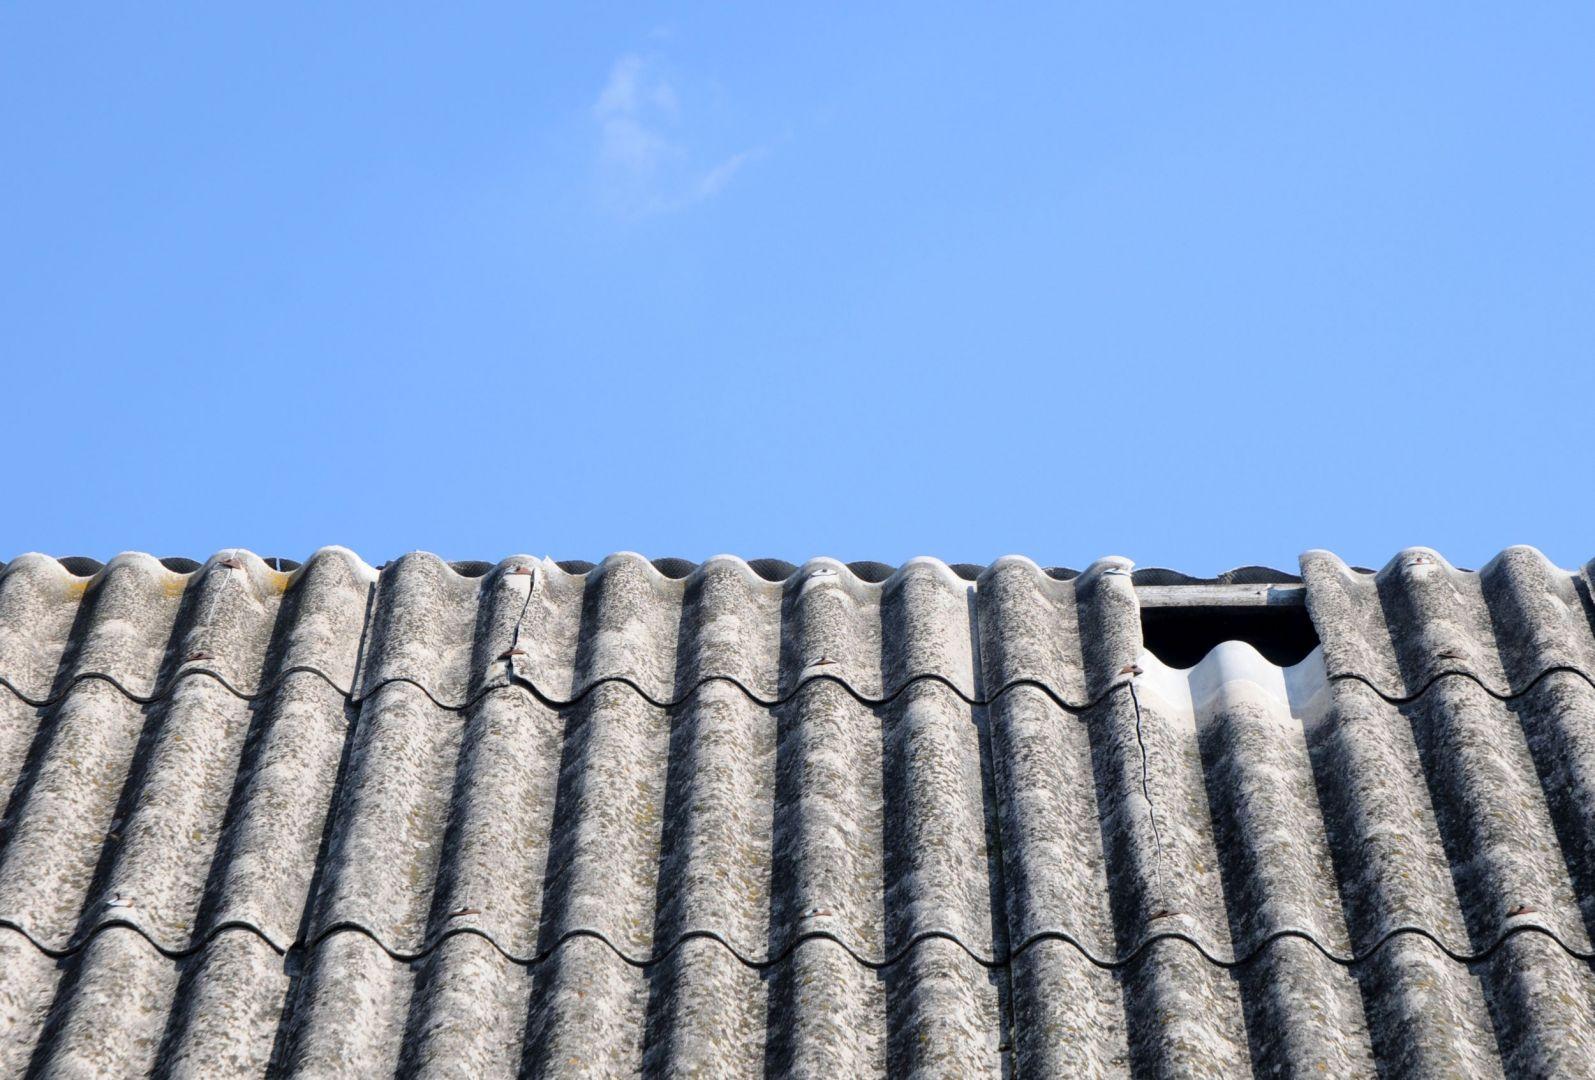 Azbest ma negatywny wpływ na zdrowie. Fot. AdobeStock